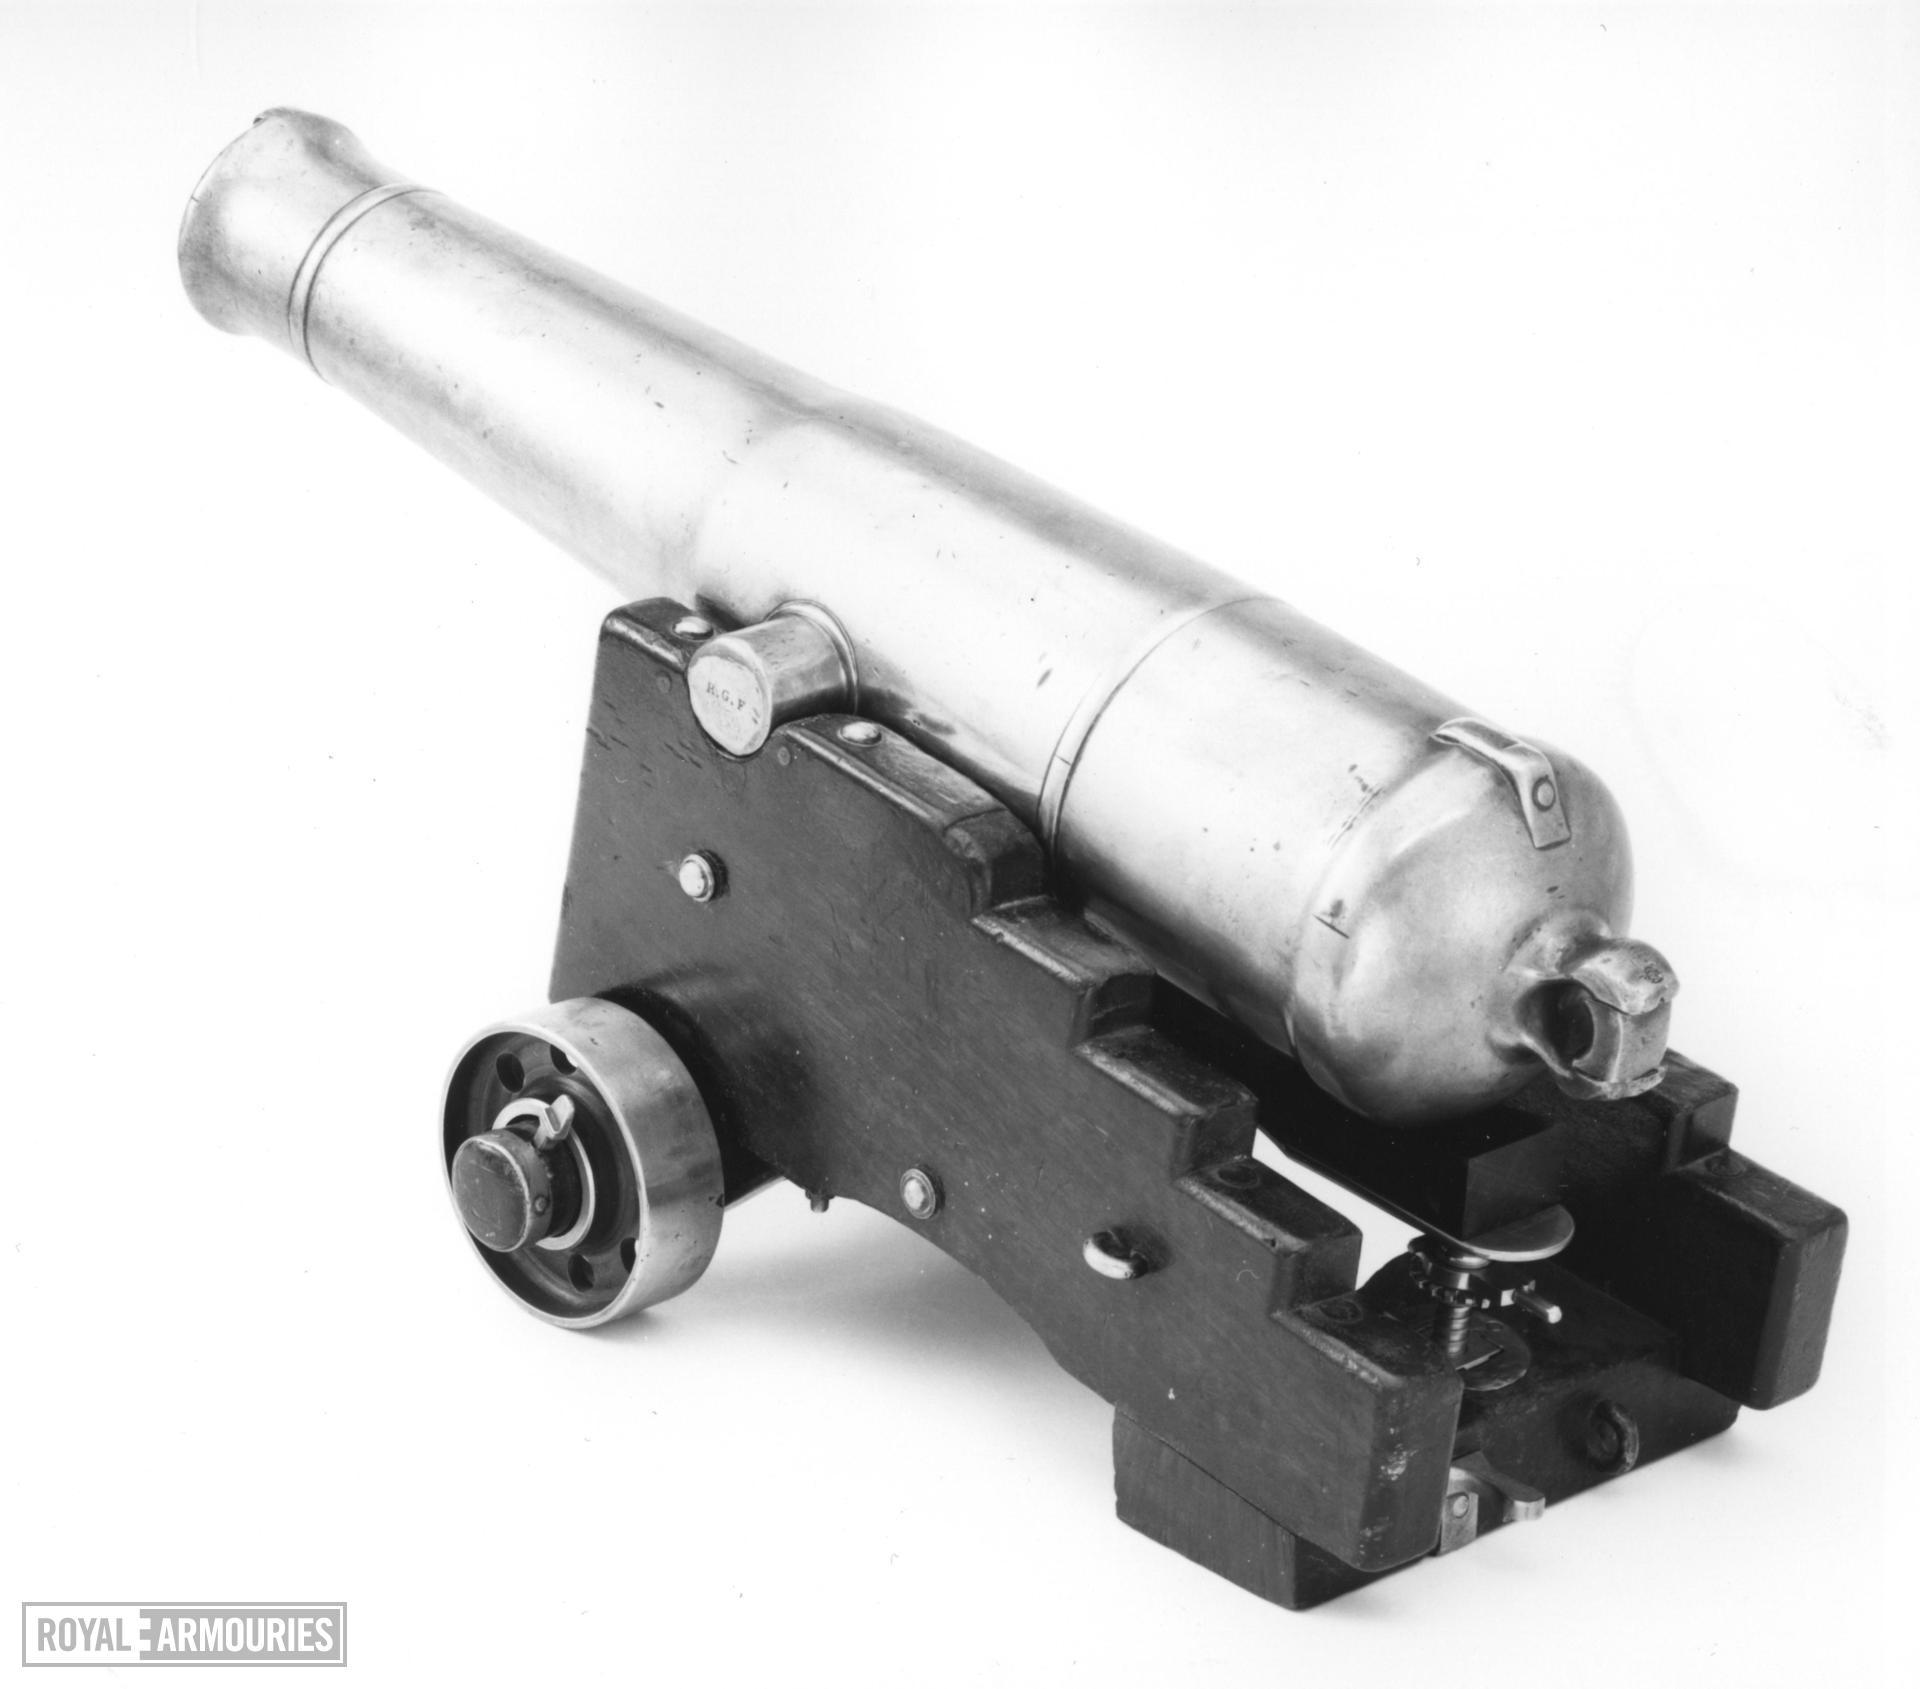 Model gun and carriage - Millar pattern